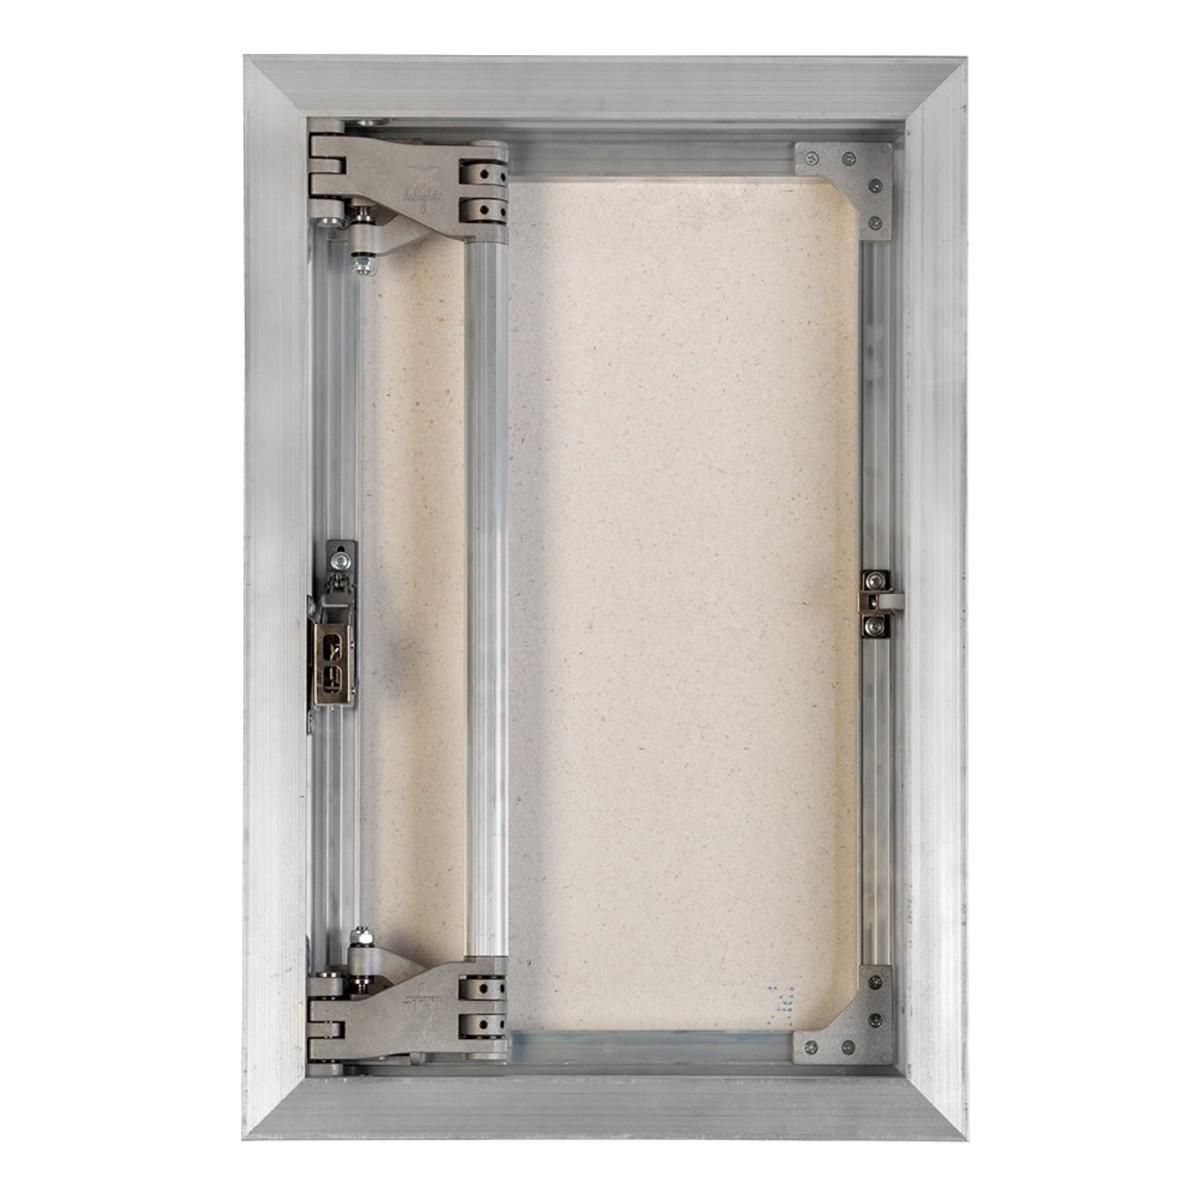 Люк ревизионный АРРЗ-Премиум 30x40 см алюминиевый